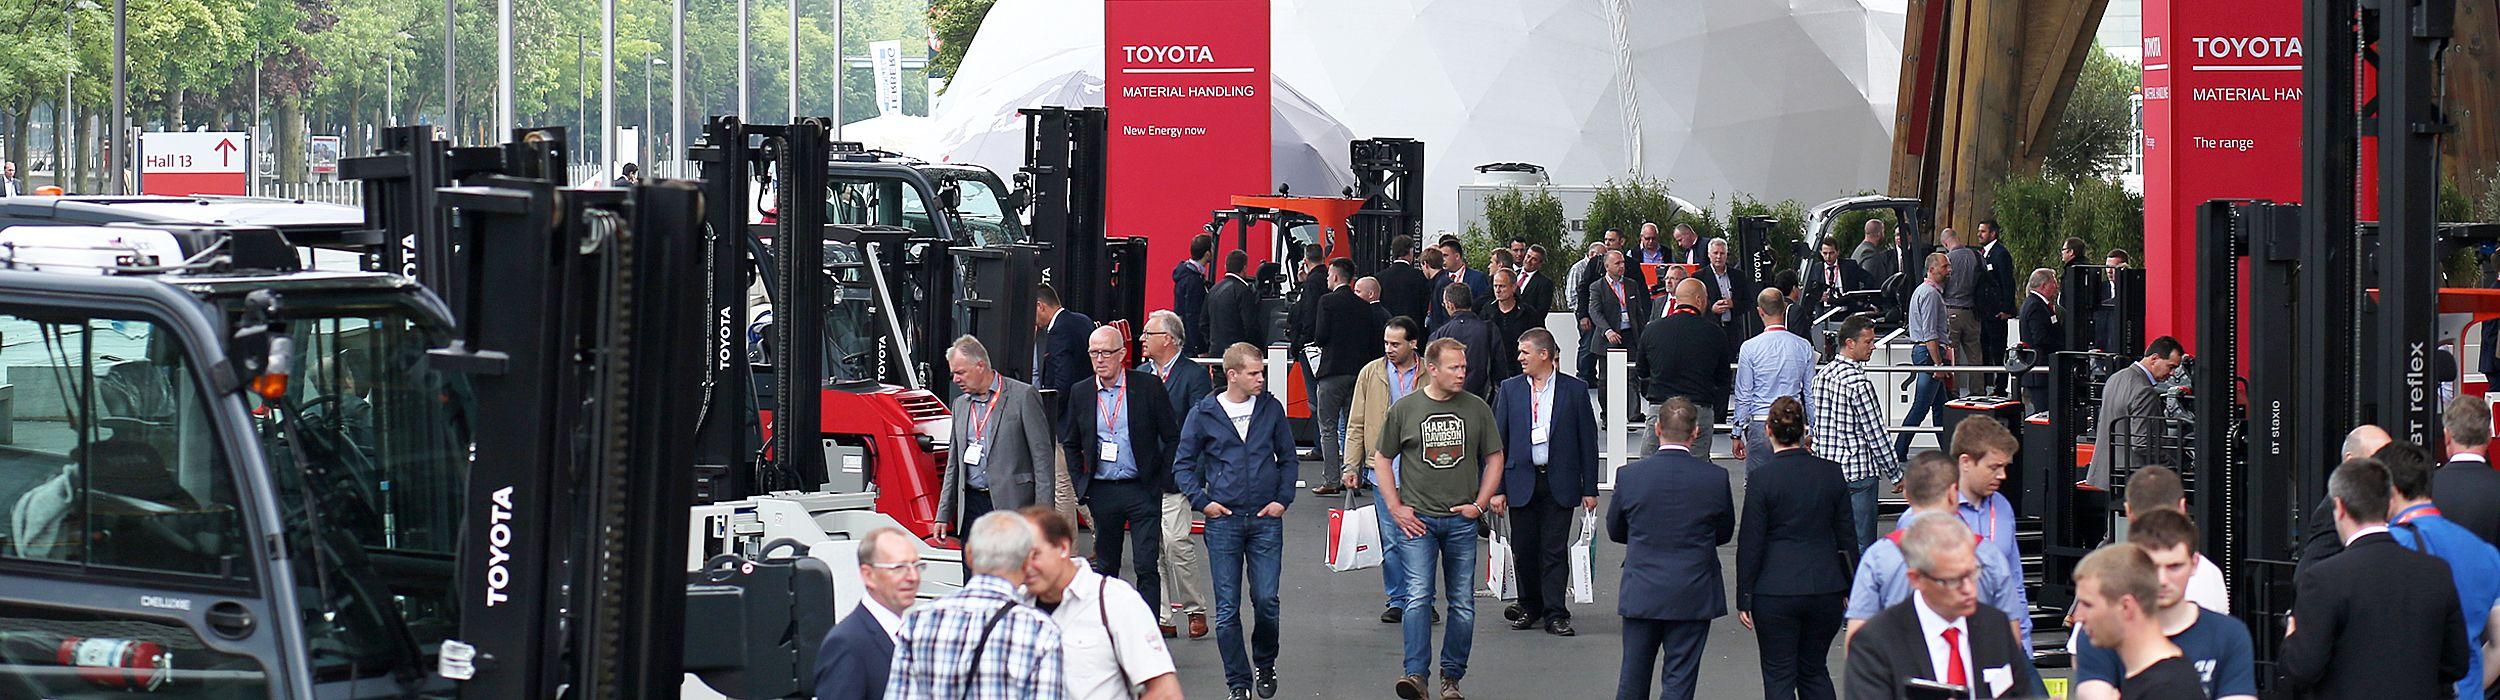 Europeiske messer Toyota Material Handling